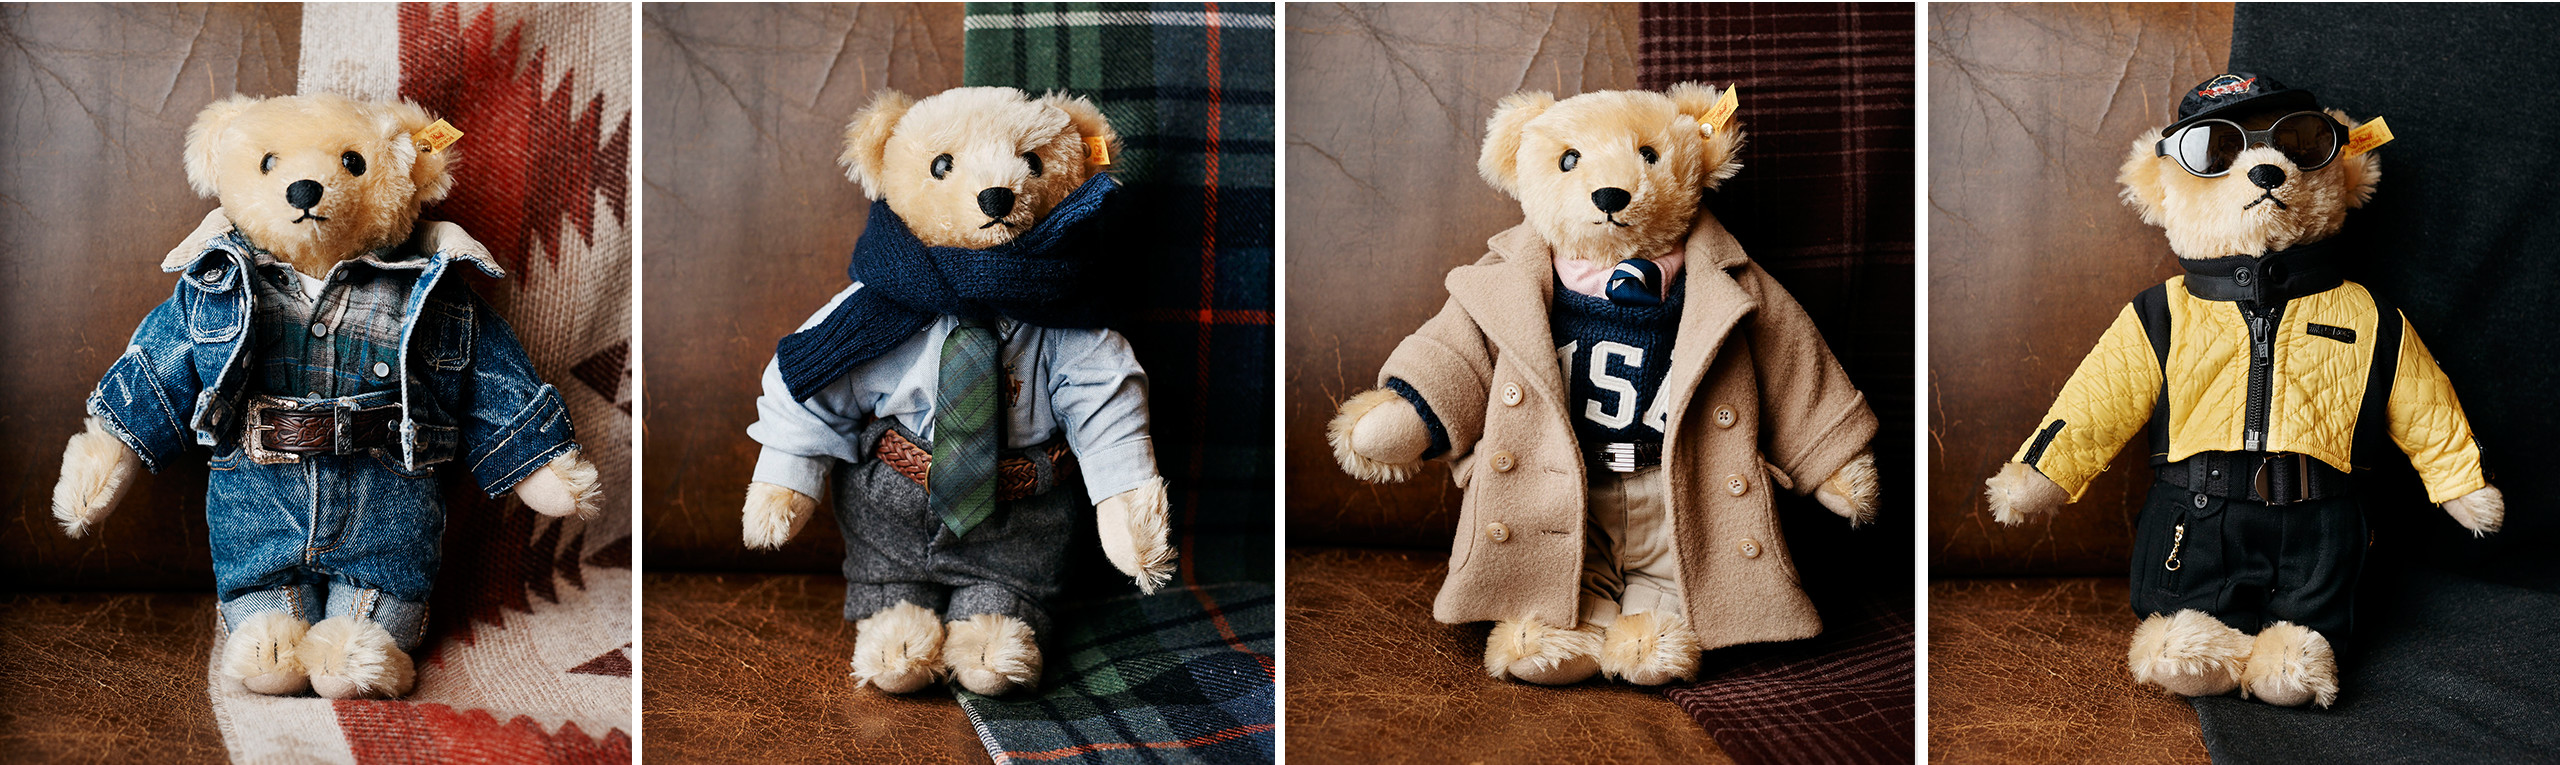 dc7943b02a1219 Jerry Lauren, le directeur de la création des collections hommes et frère de  Ralph, est un collectionneur passionné d oursons Steiff.